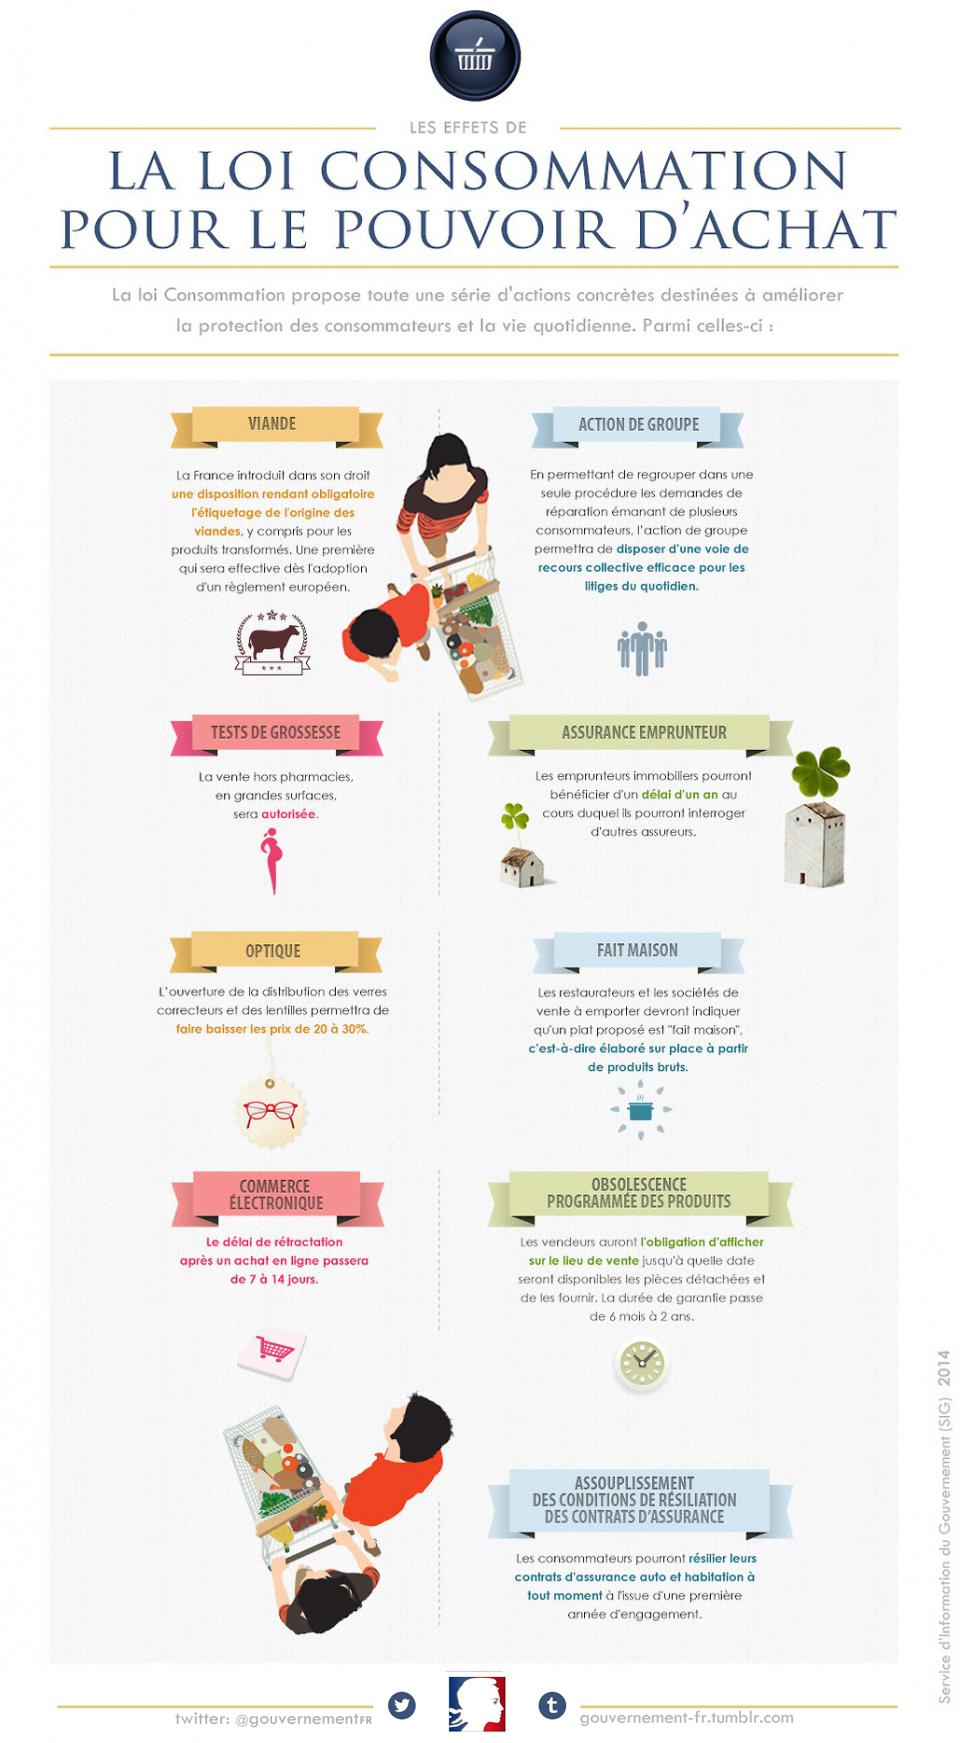 Infographie sur les effets de la loi Consommation - voir en plus grand